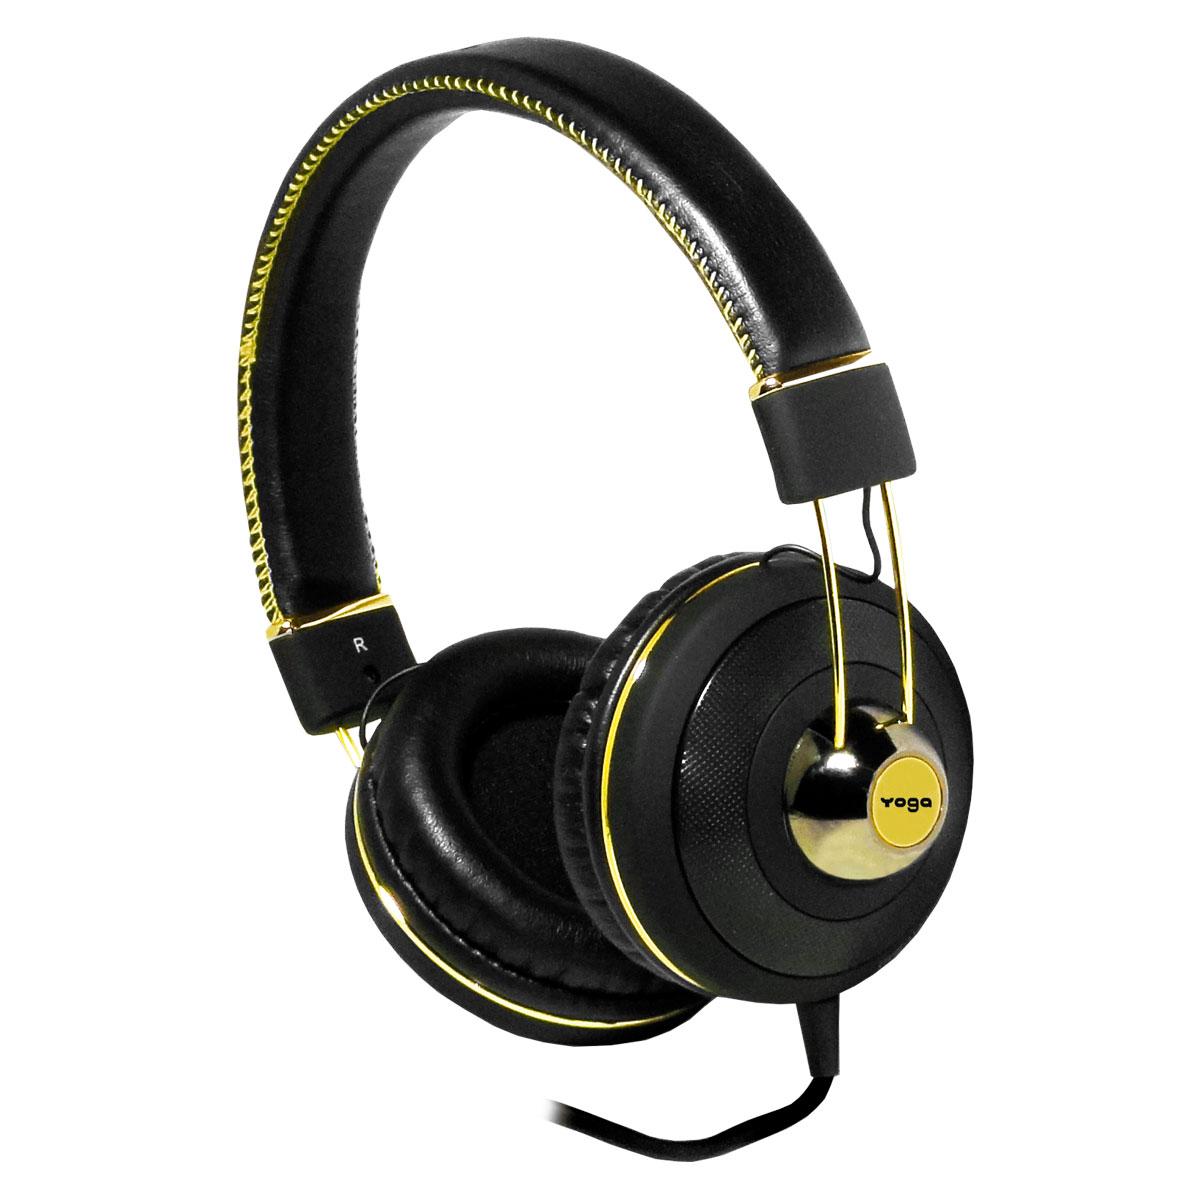 Fone de Ouvido Over-ear 10 Hz - 20 KHz 32 Ohma - CD 67 Yoga